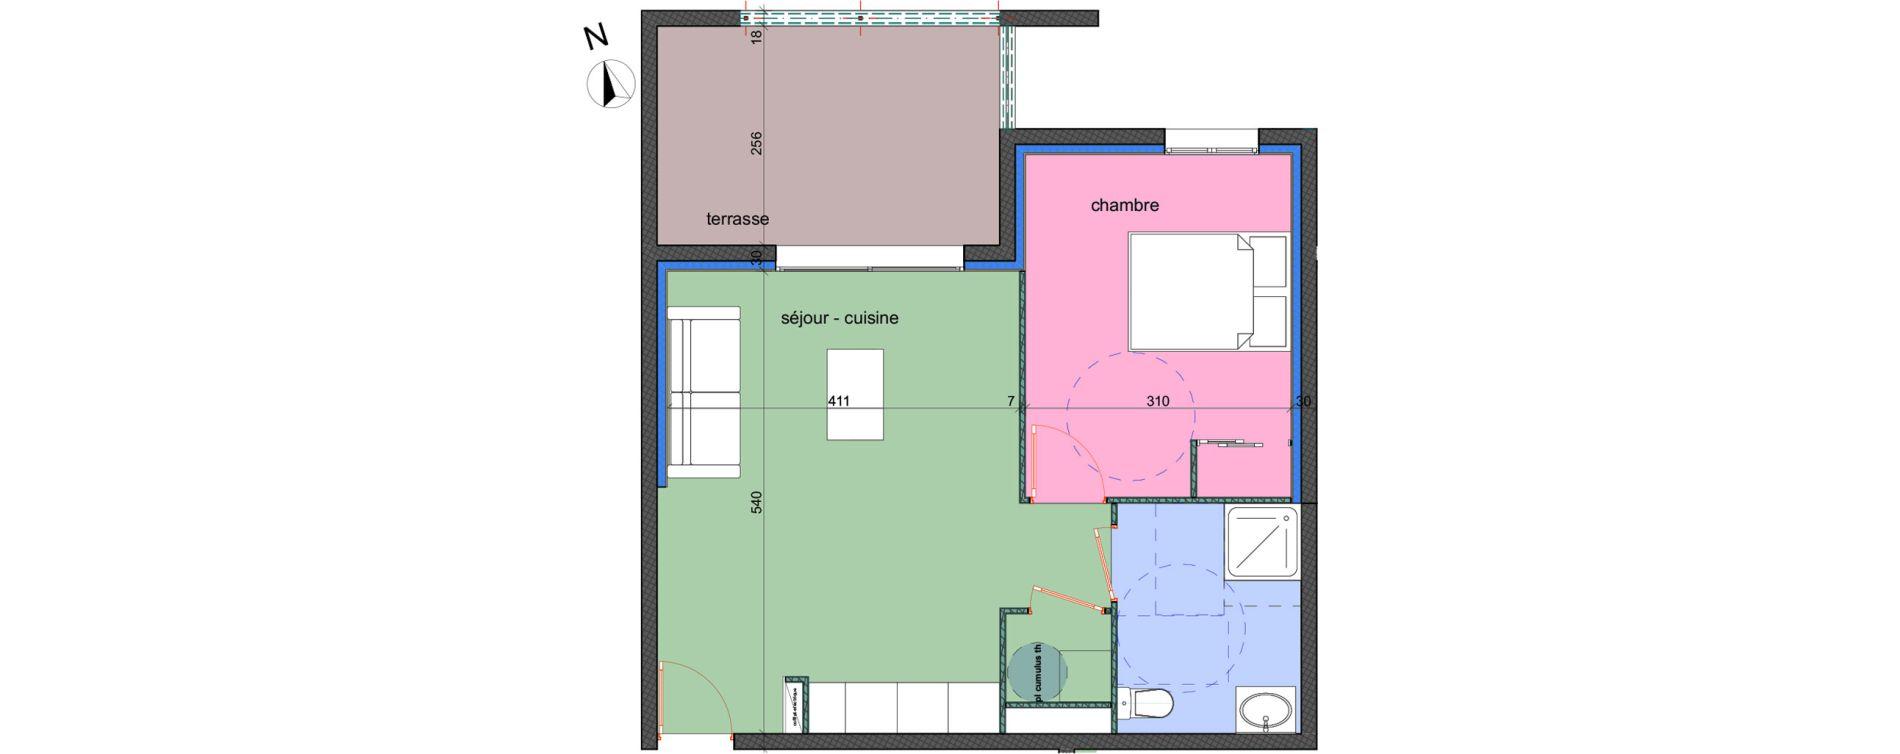 Appartement T2 de 43,00 m2 à Porto-Vecchio Centre